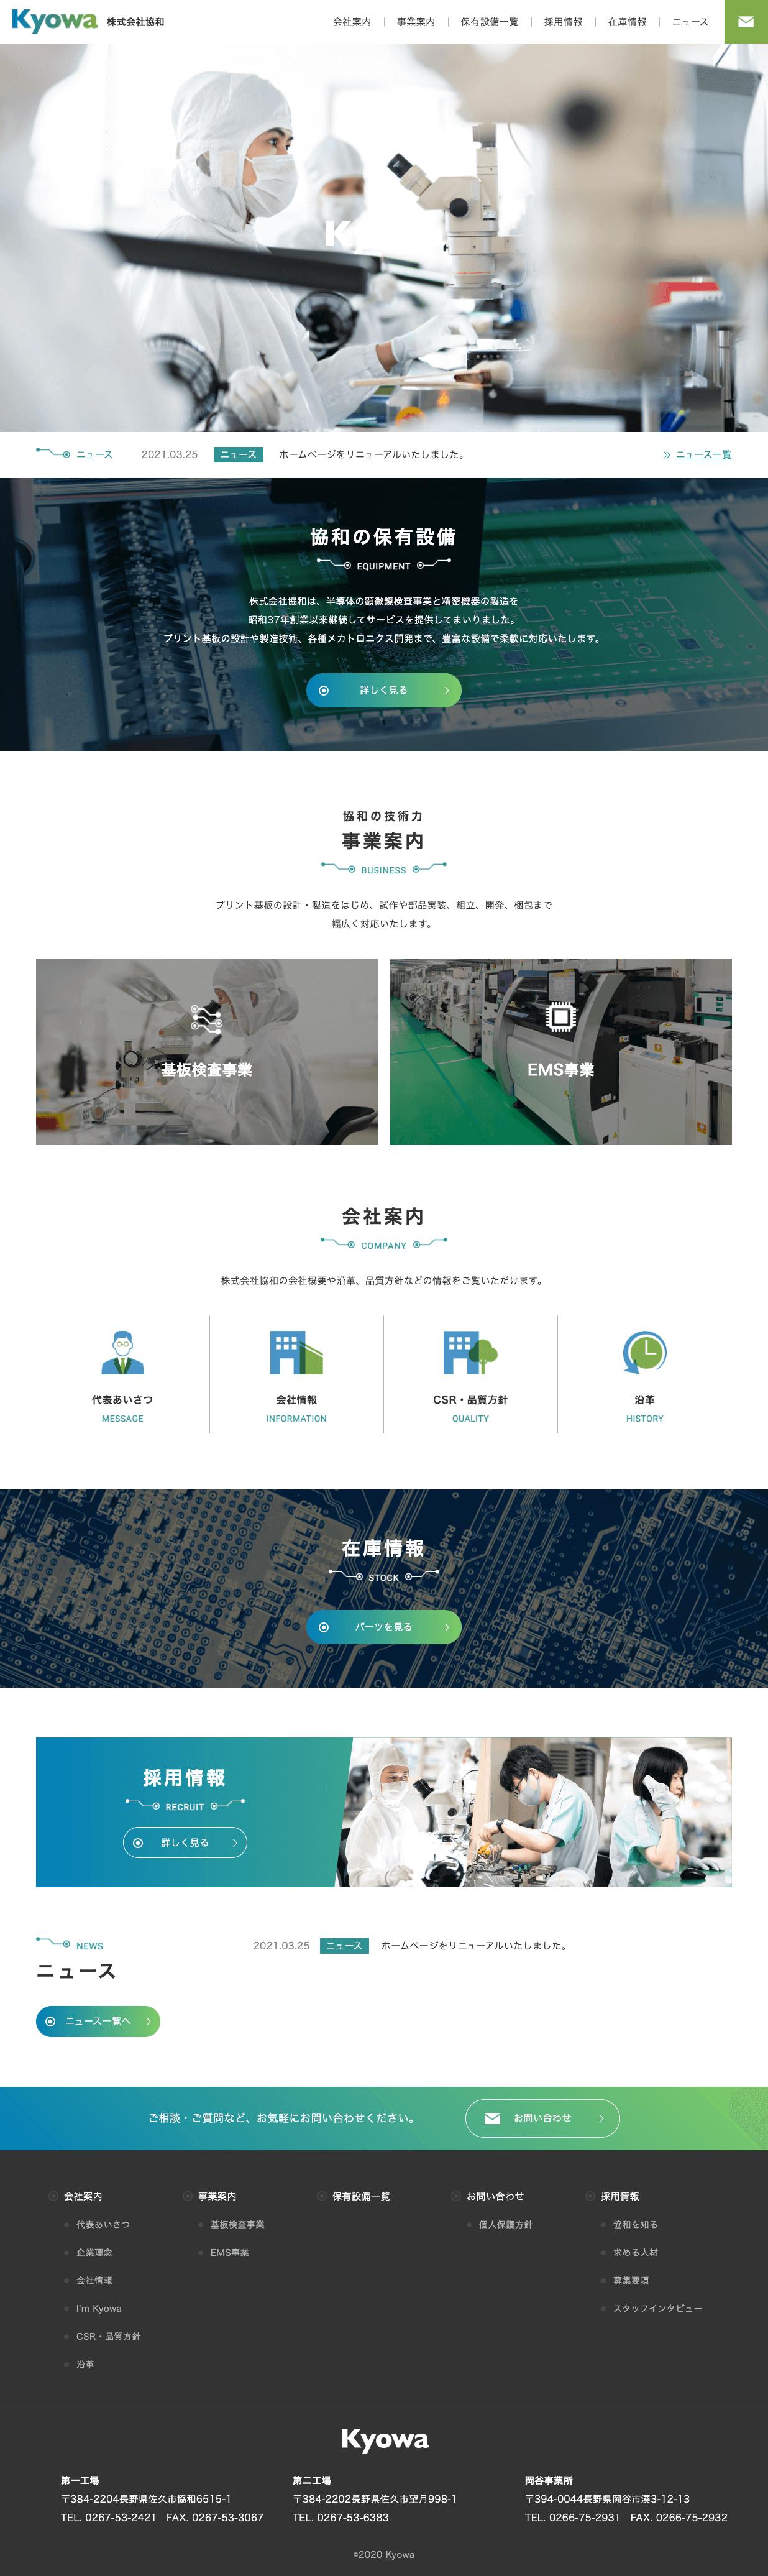 株式会社協和pcイメージ